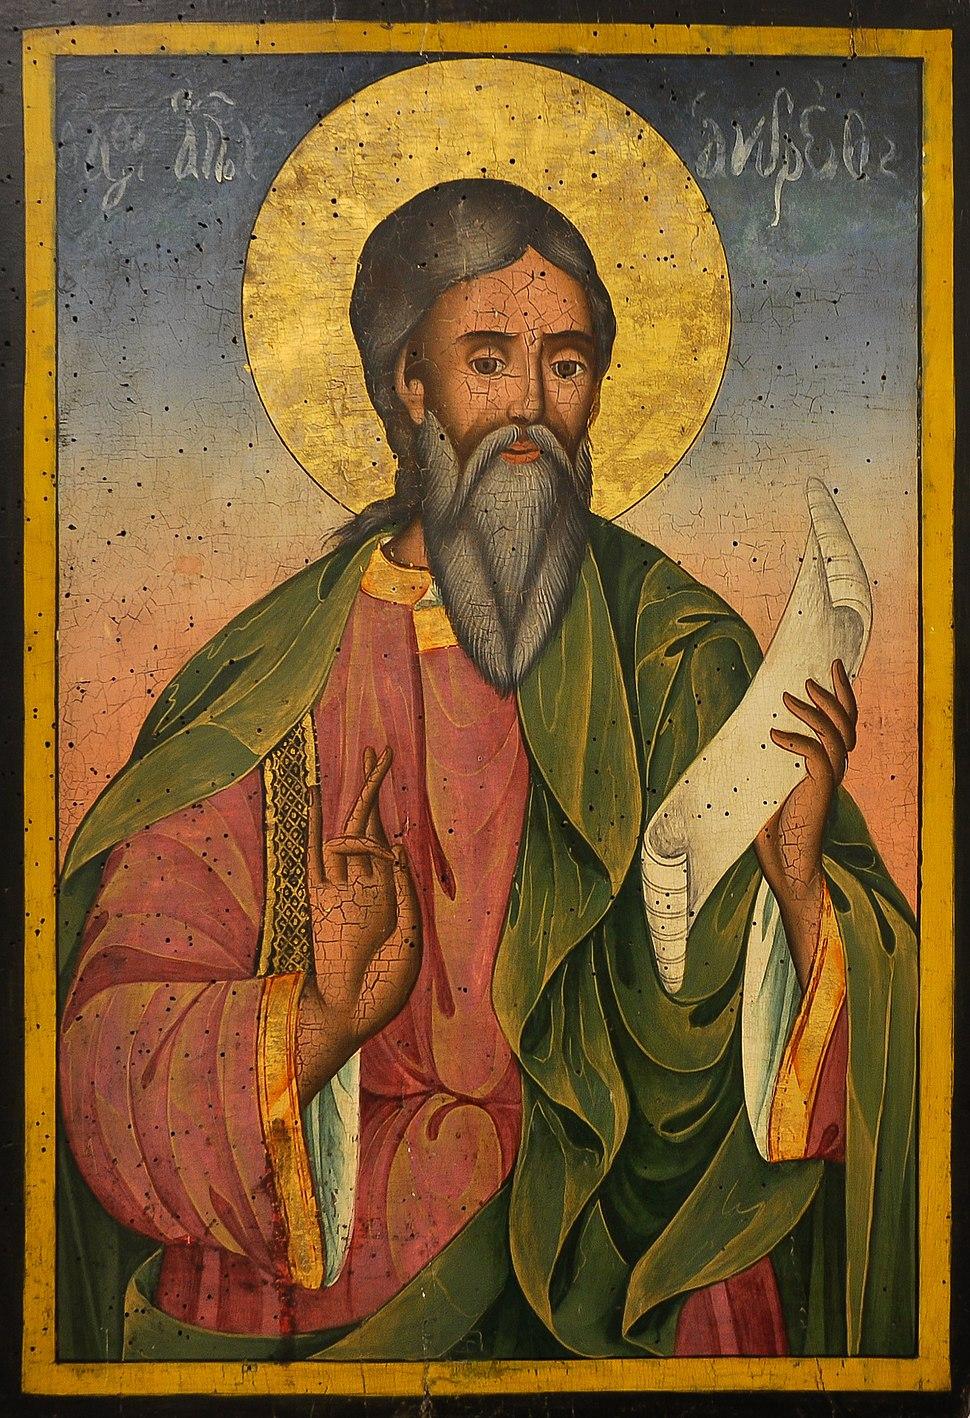 St Andrew the Apostle - Bulgarian icon